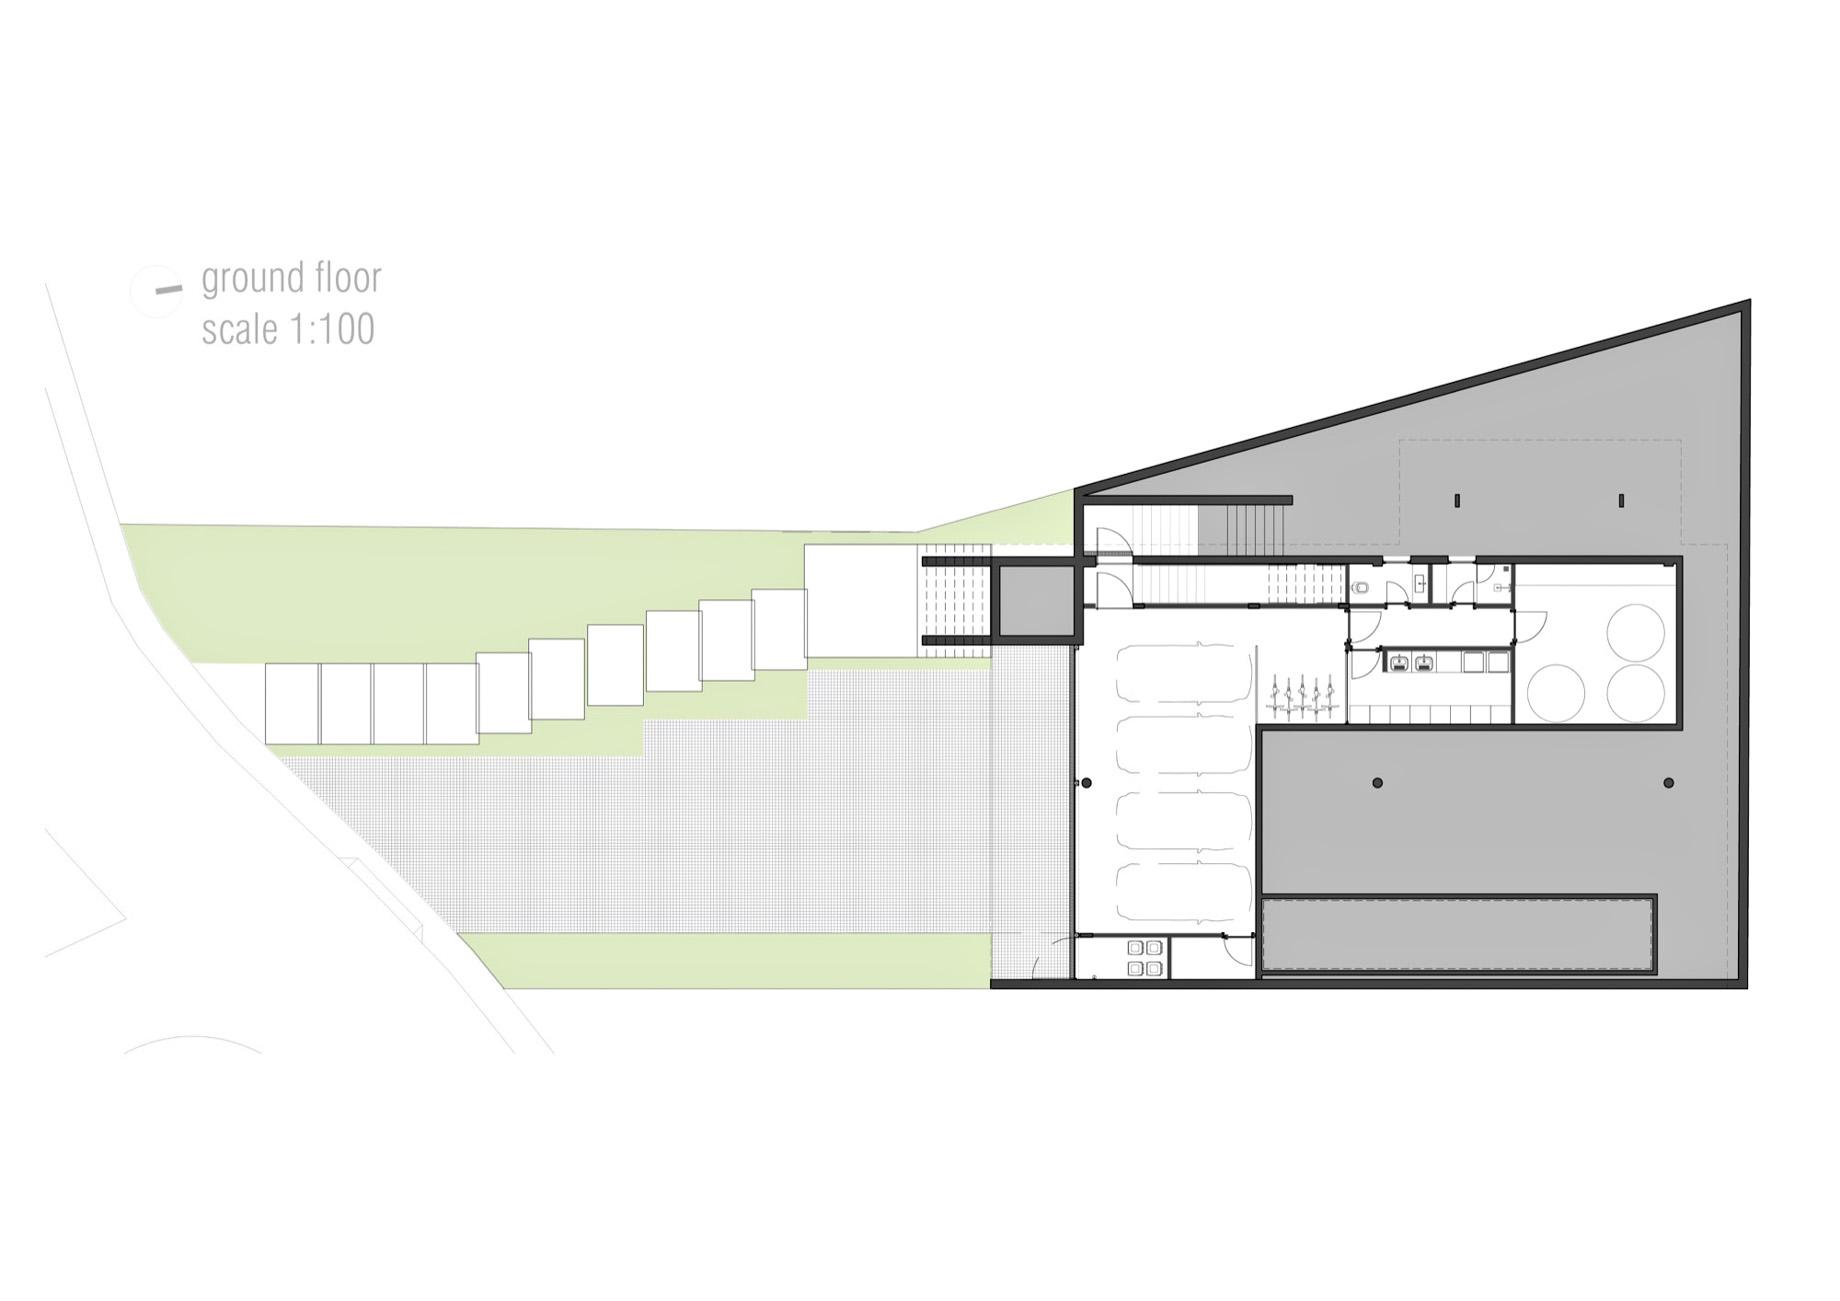 Ground Floor Plan - Casa Bravos Luxury Residence - Itajaí, Santa Catarina, Brazil